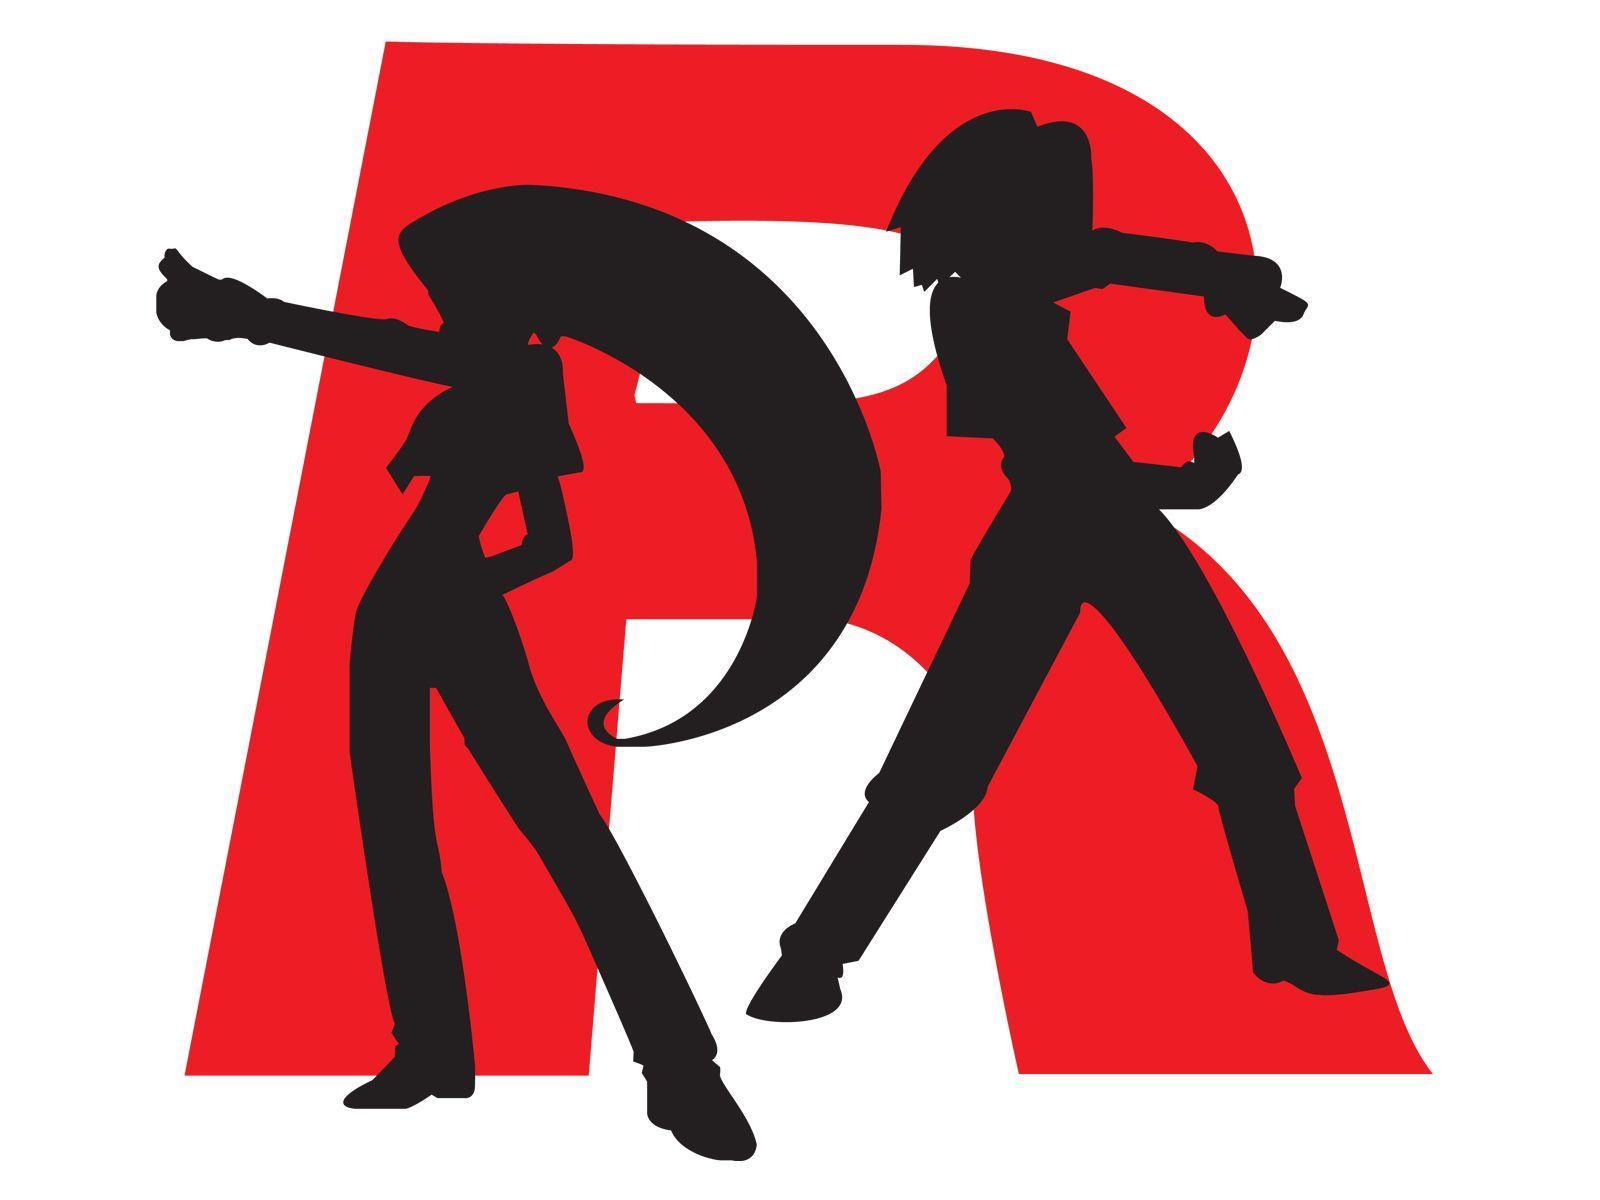 Team rocket Logos.